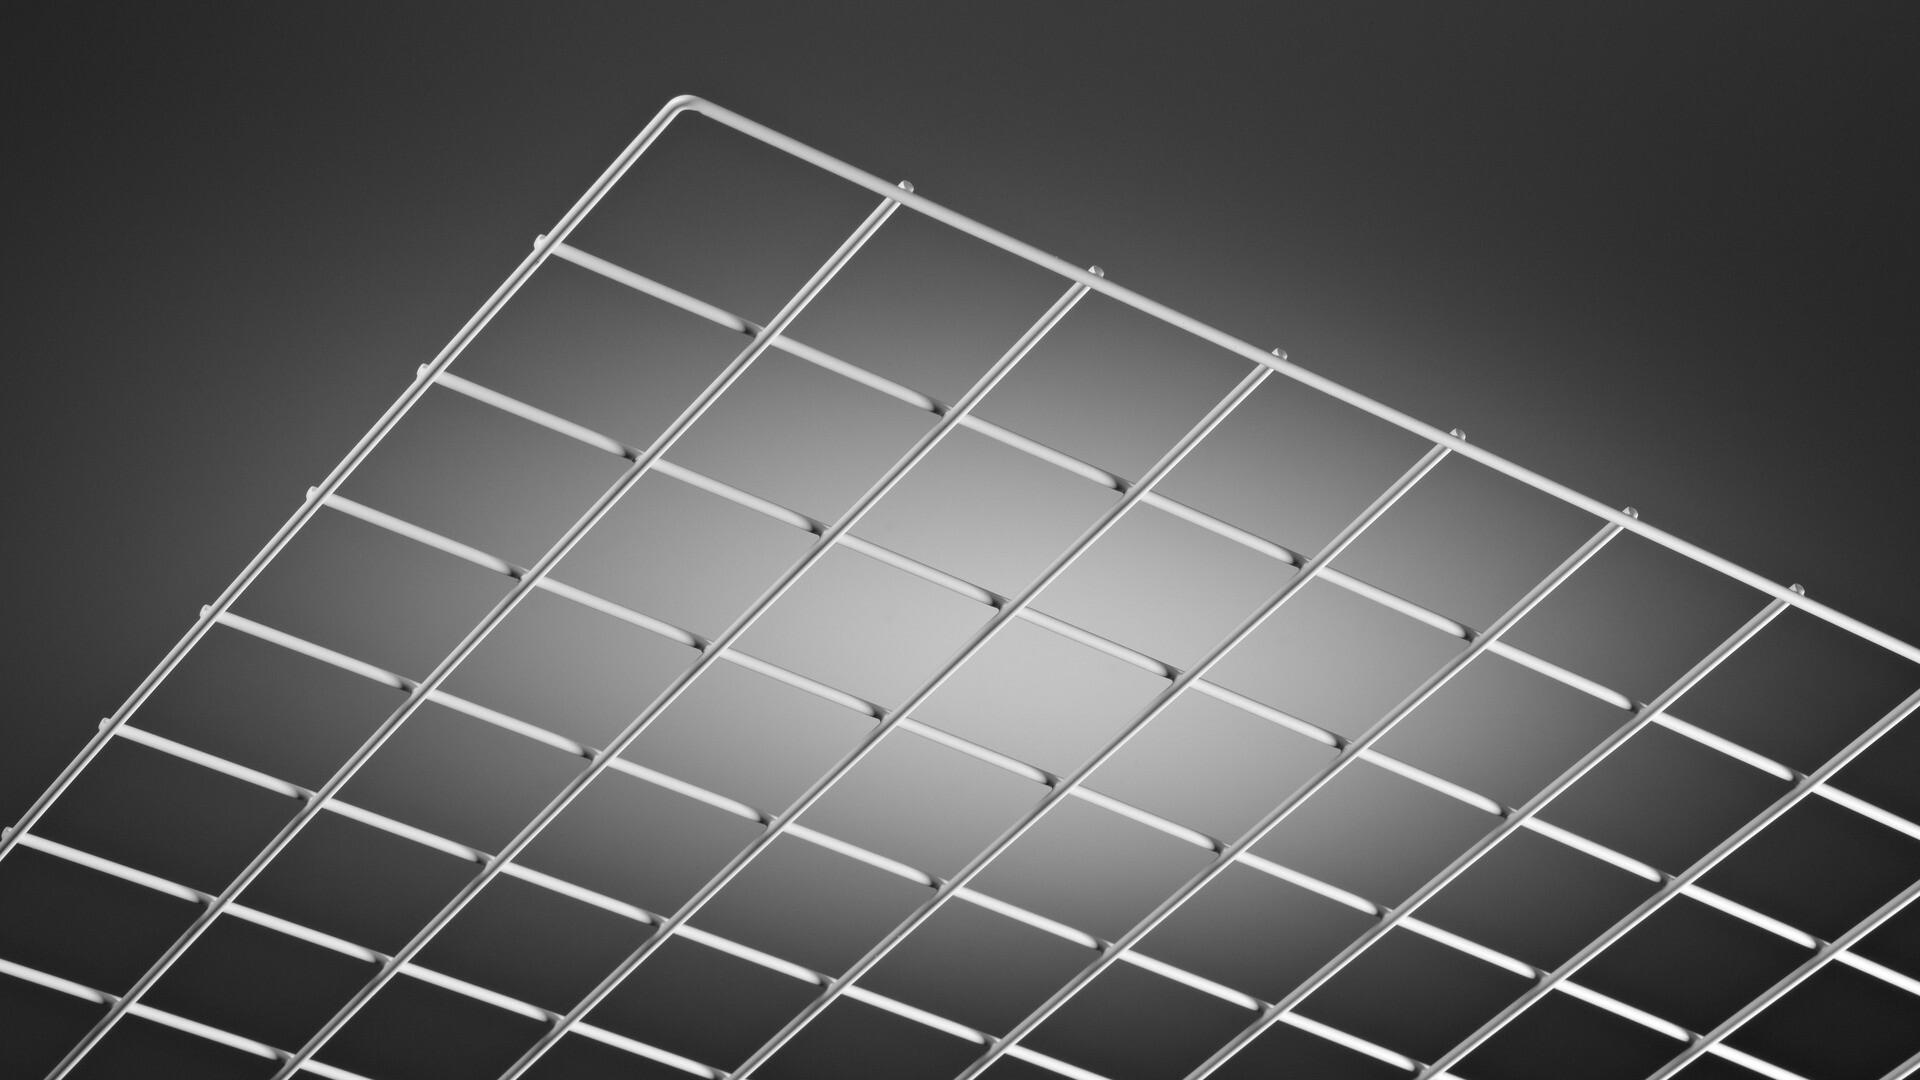 GraphGrid, website, metal ceilings